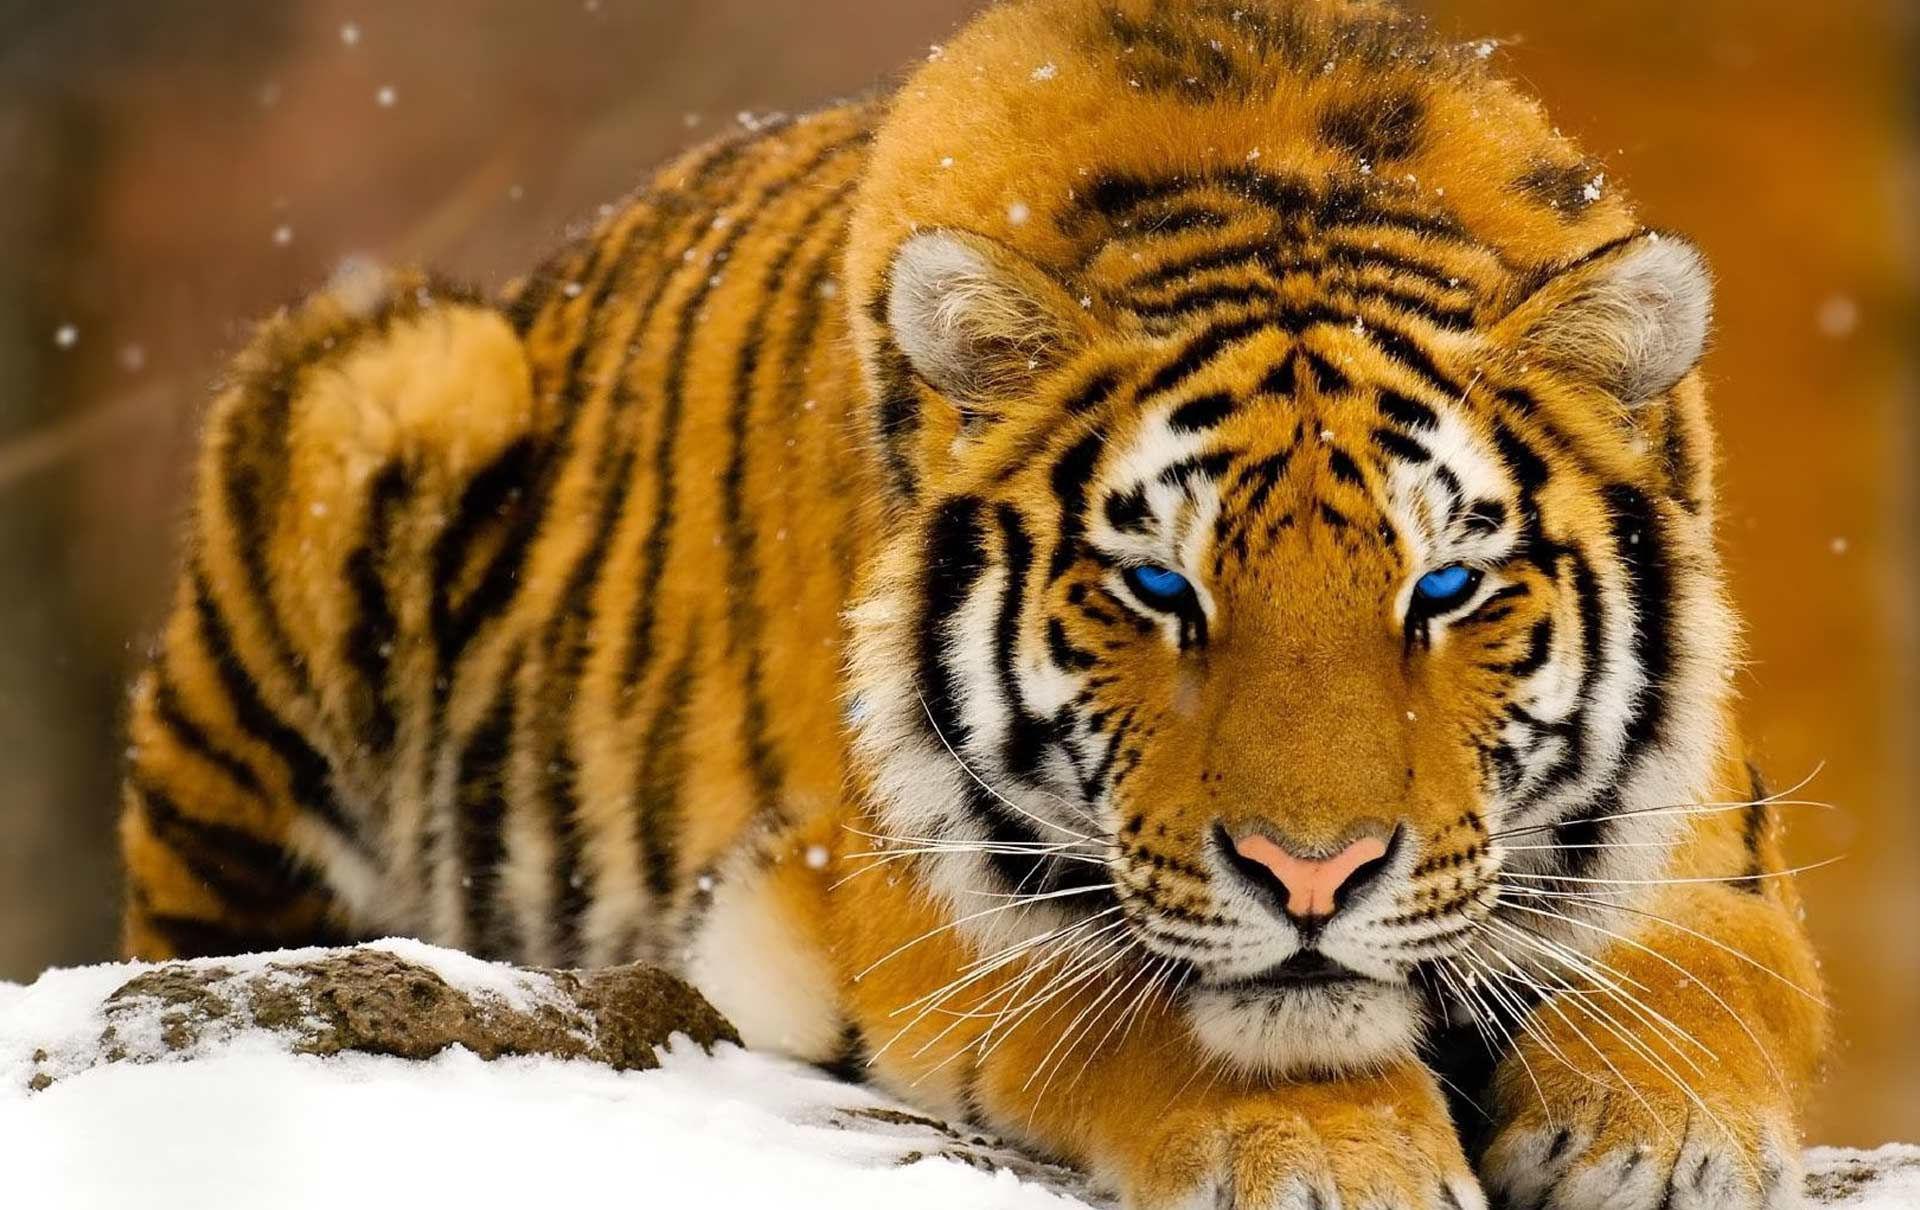 Fonds d'écran Tigre - MaximumWall